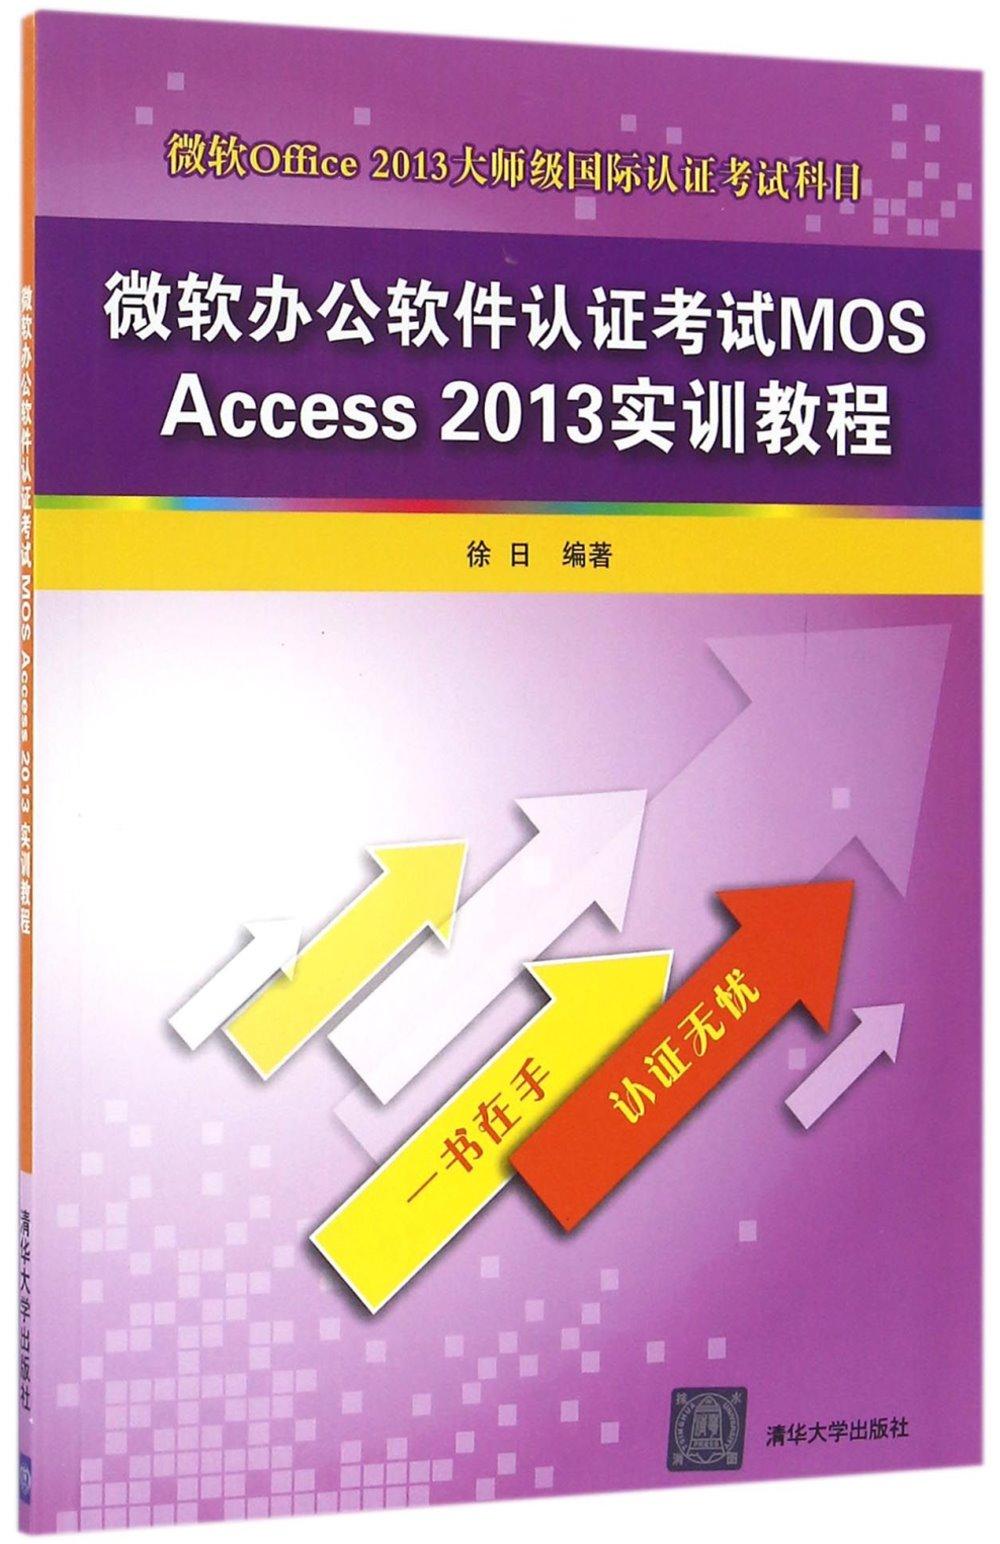 微軟辦公軟件 考試MOS Access 2013實訓教程